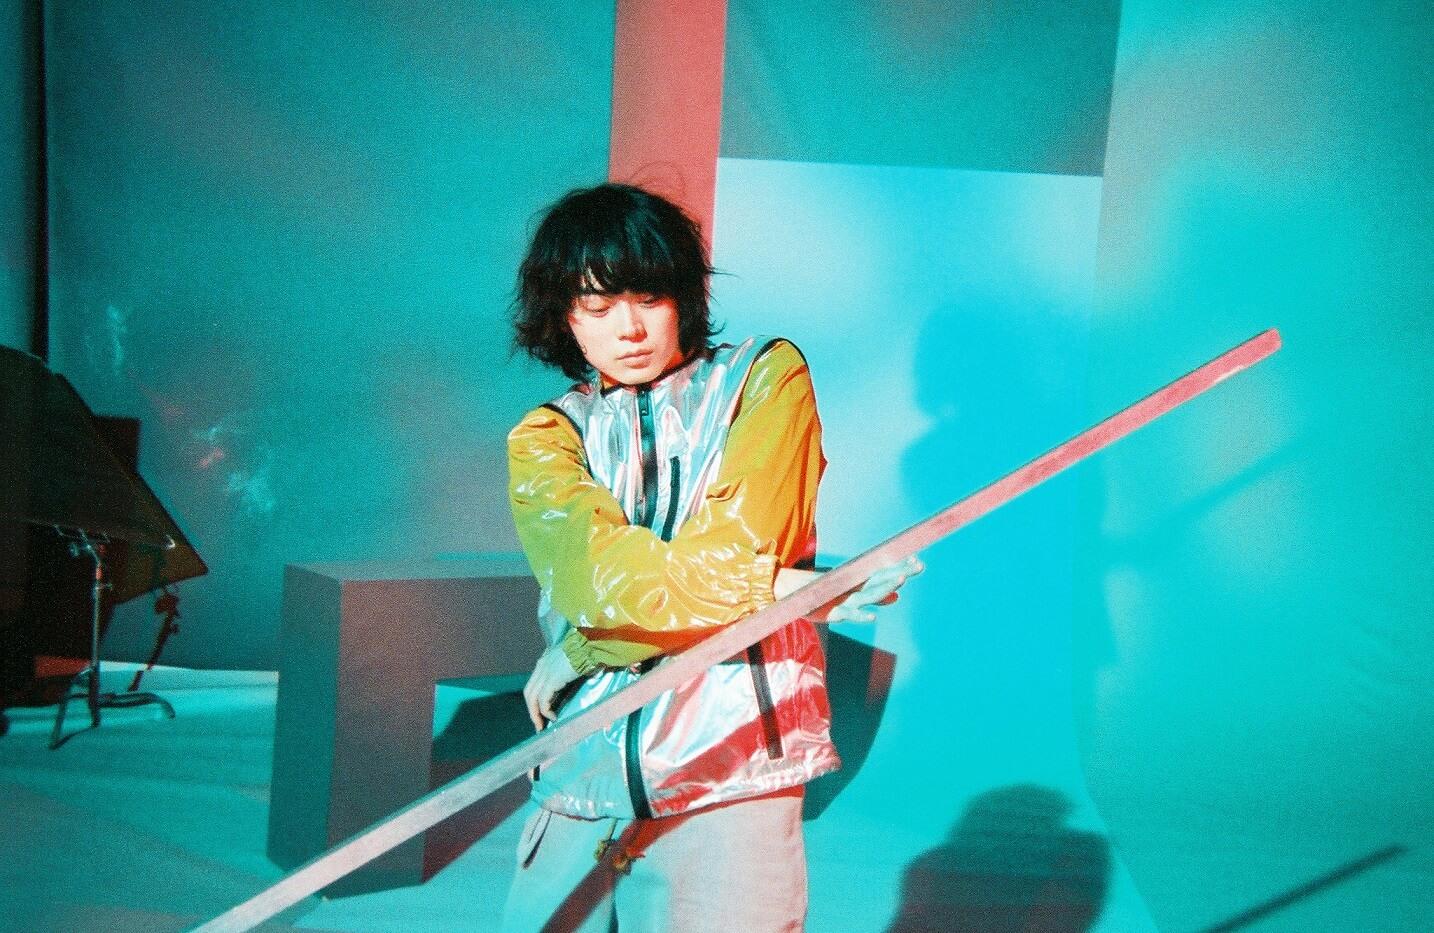 「下はパンイチ」菅田将暉、宅配便のハプニング明かしファン「宅配のおじさんになりたい」サムネイル画像